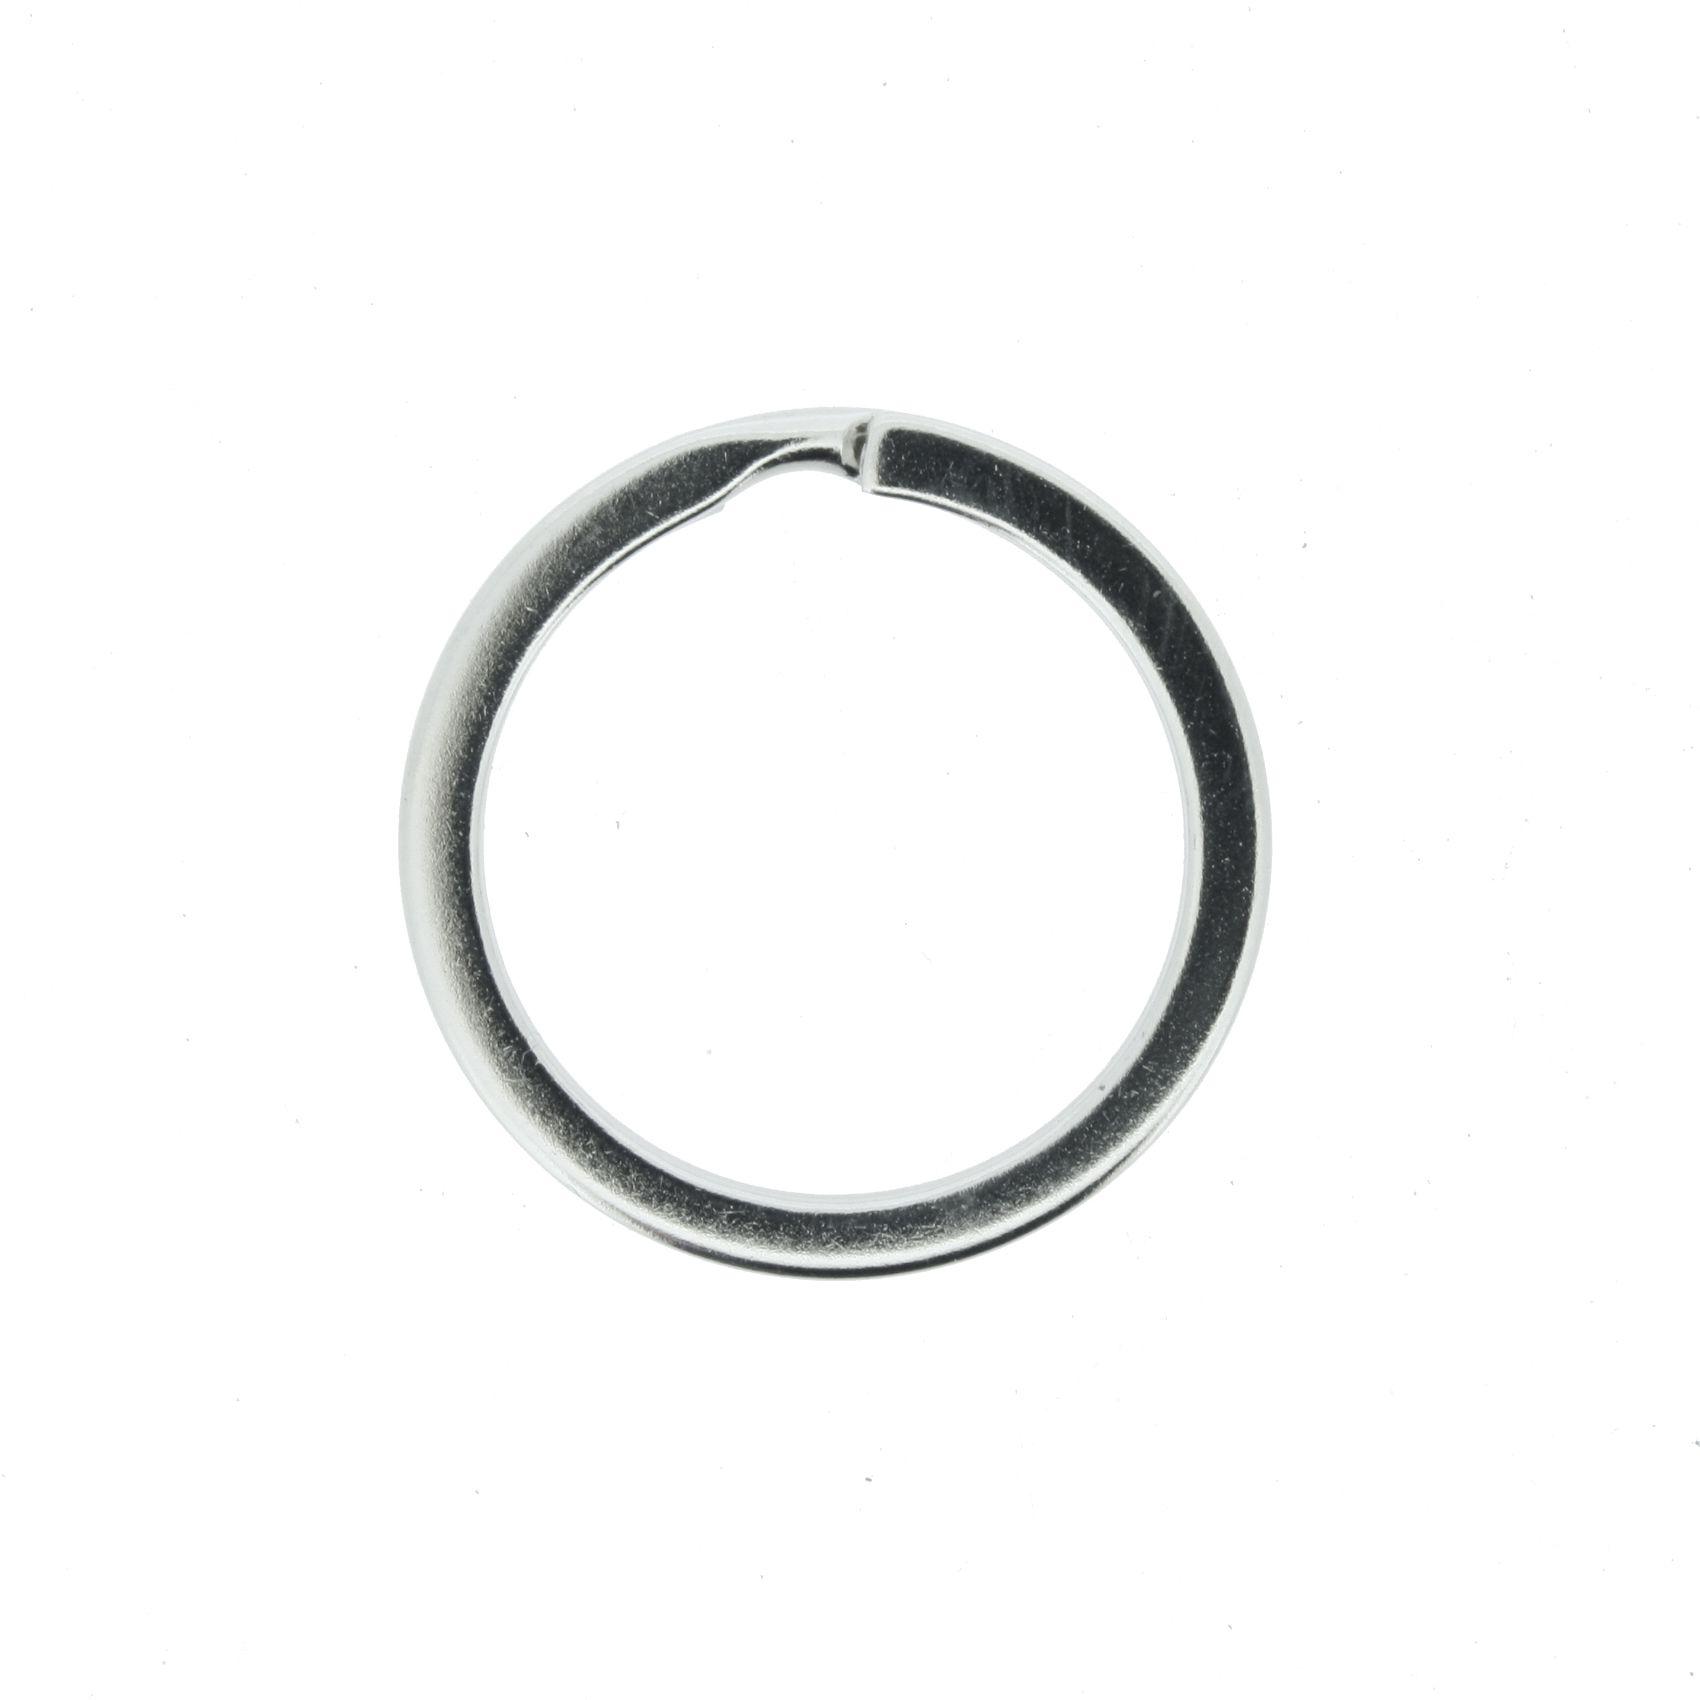 Argola p/ Chaveiro Italiana - Reforçada Níquel - 25mm  - Stéphanie Bijoux® - Peças para Bijuterias e Artesanato